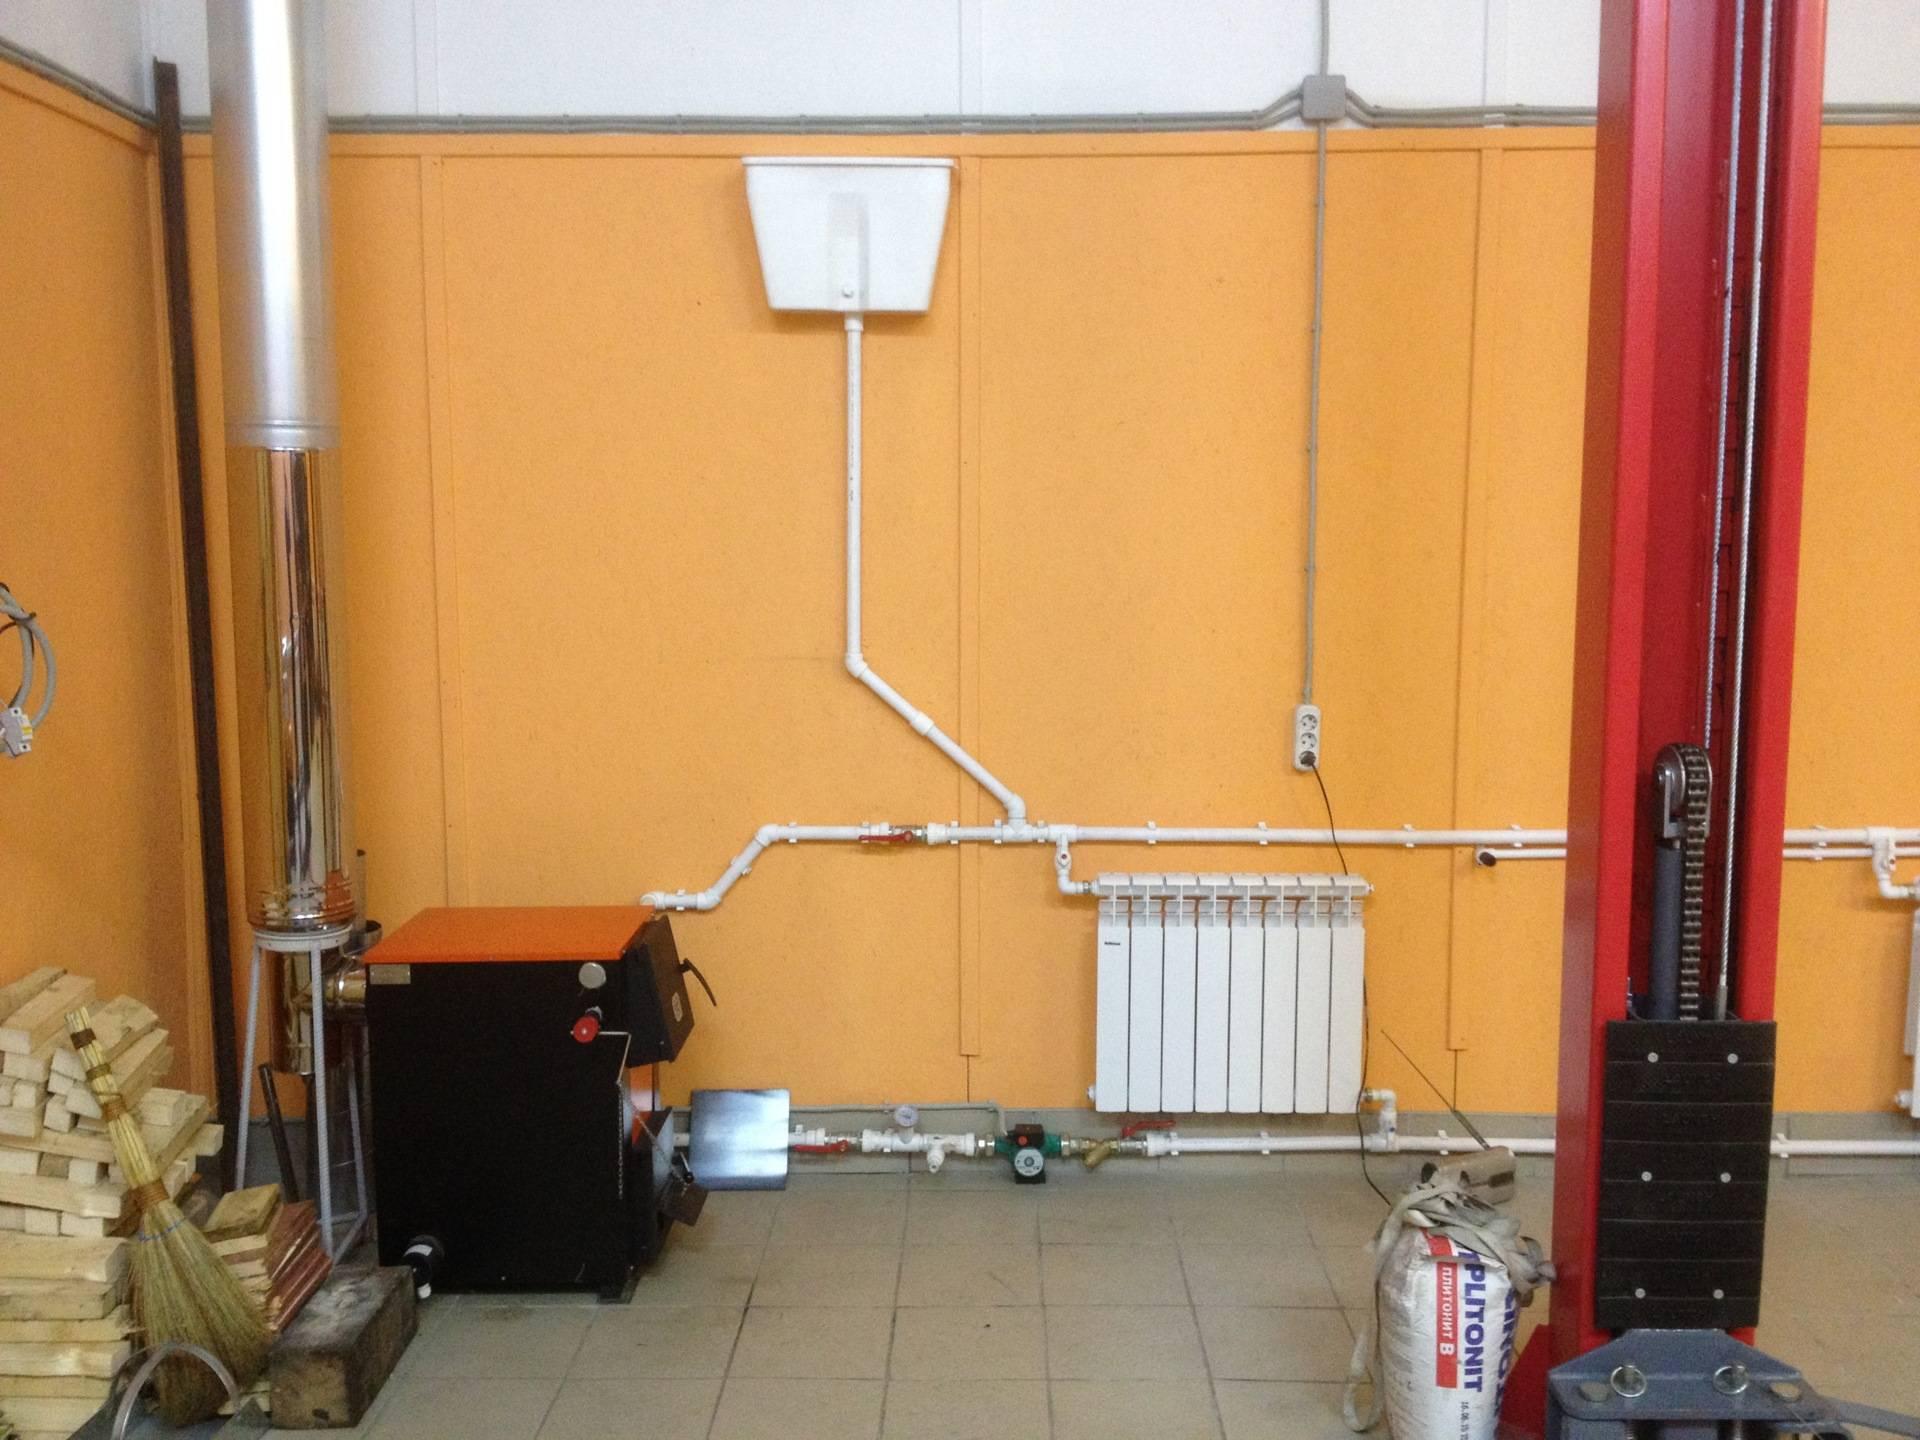 Отопление в гараже: как сделать своими руками дешево и быстро, как правильно топить - экономный способ на тосоле